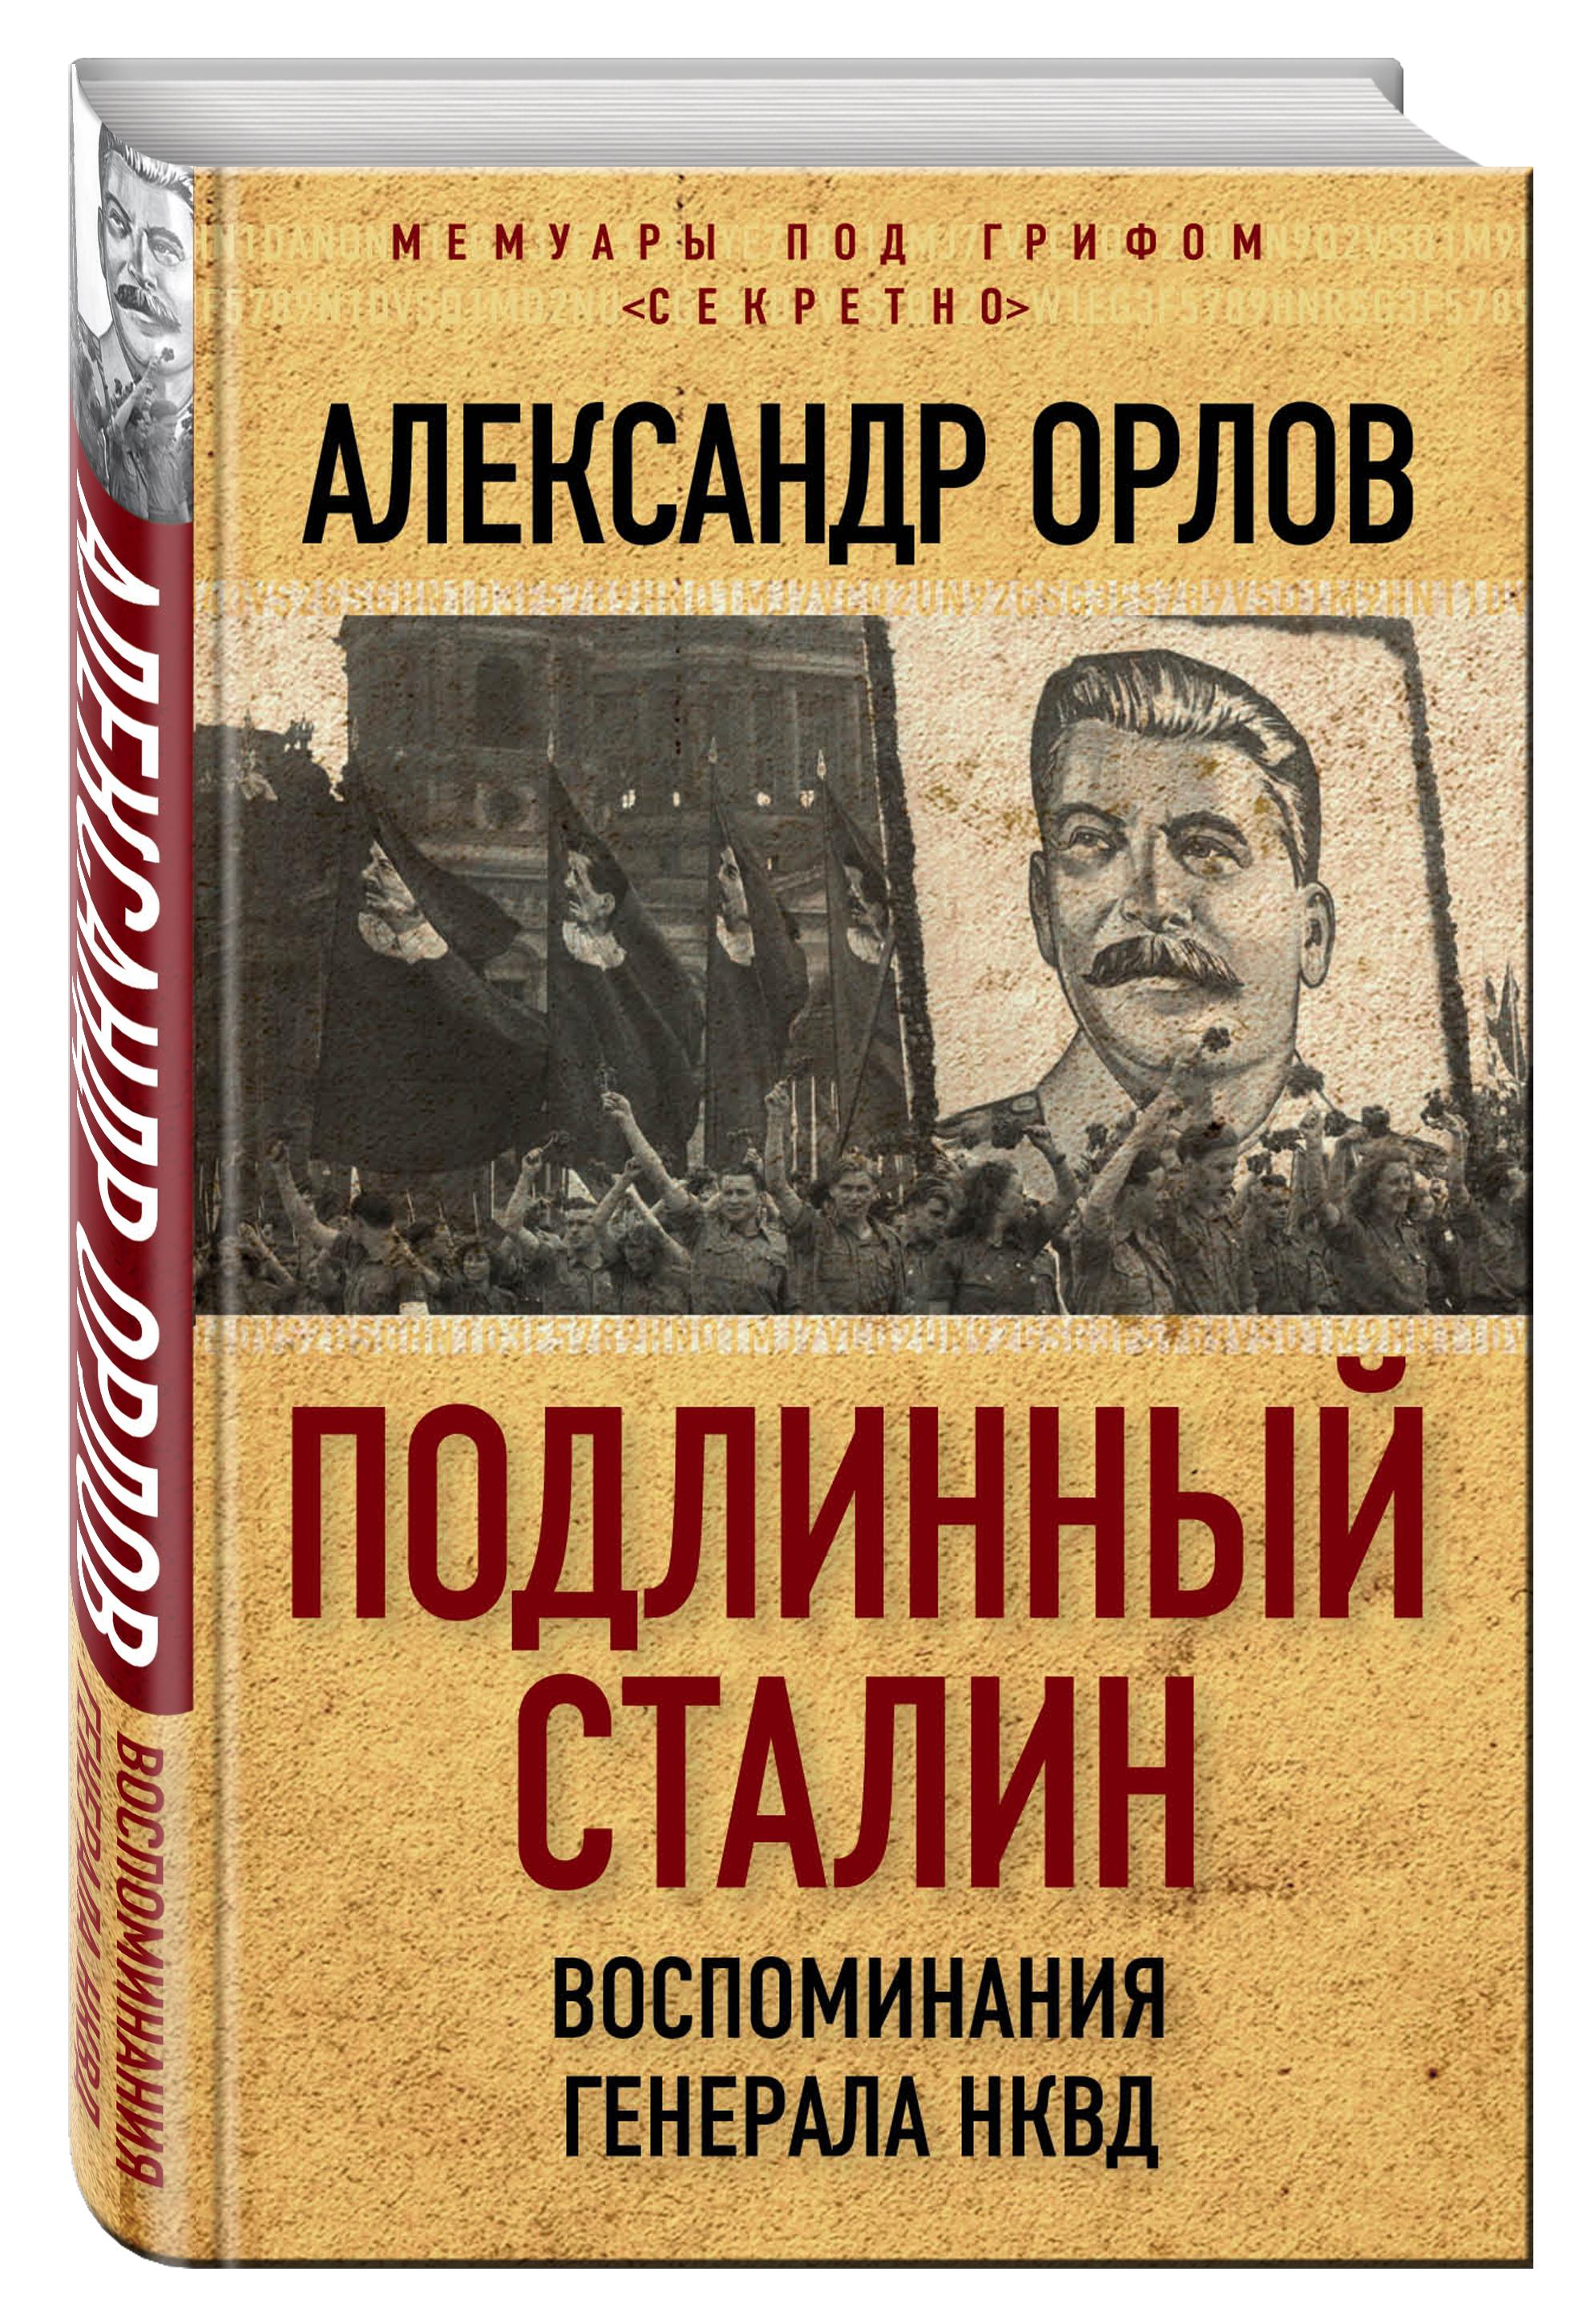 Подлинный Сталин. Воспоминания генерала НКВД от book24.ru